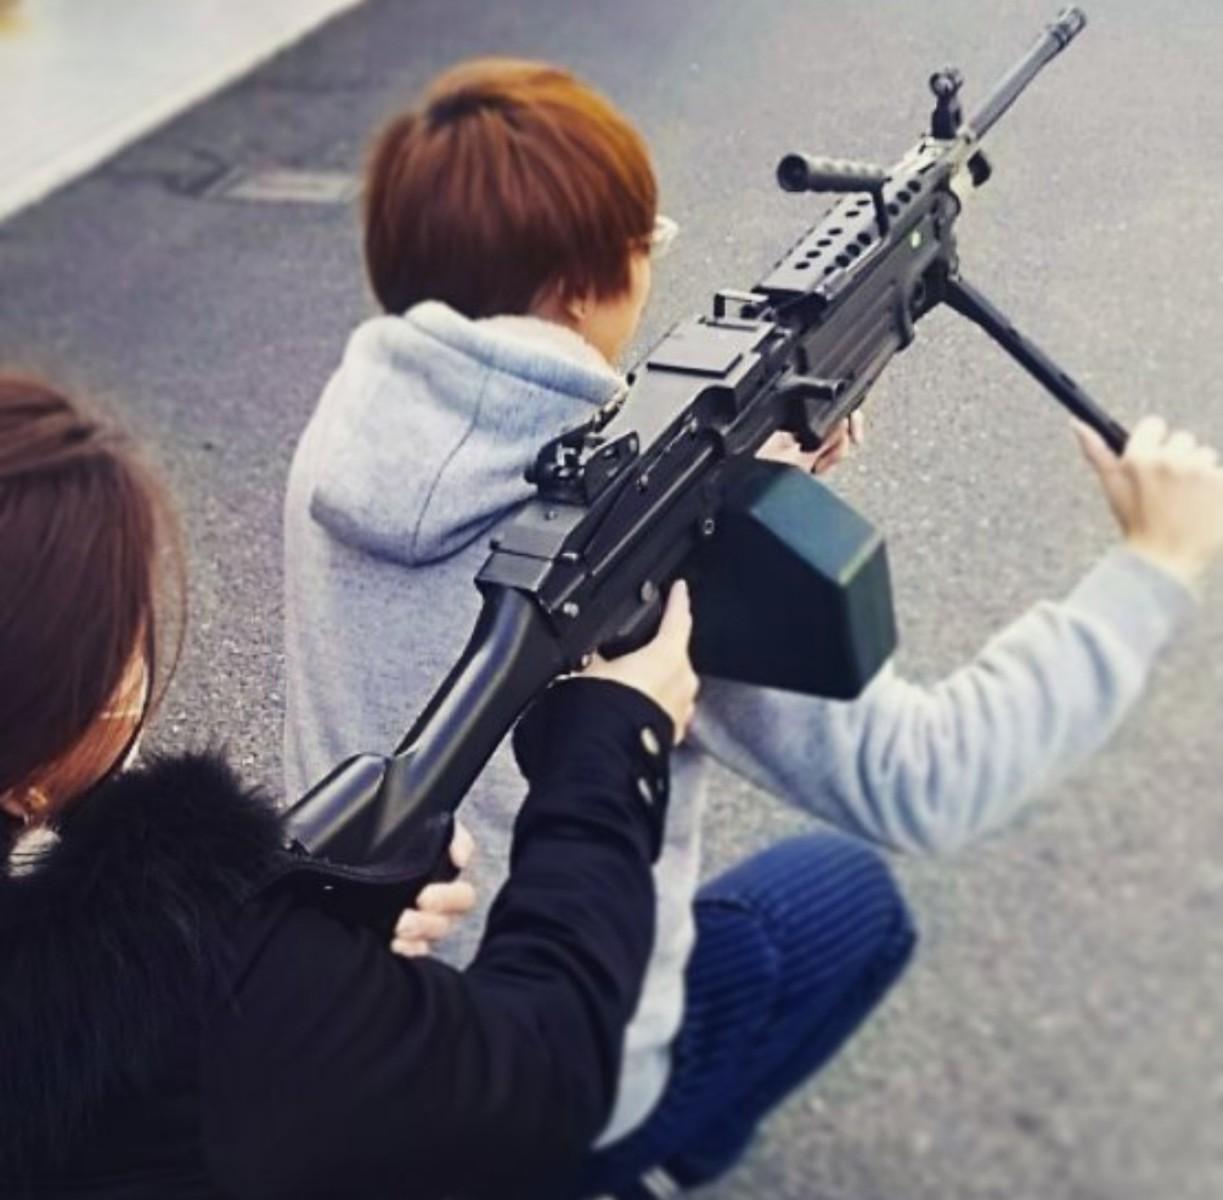 機関銃射撃